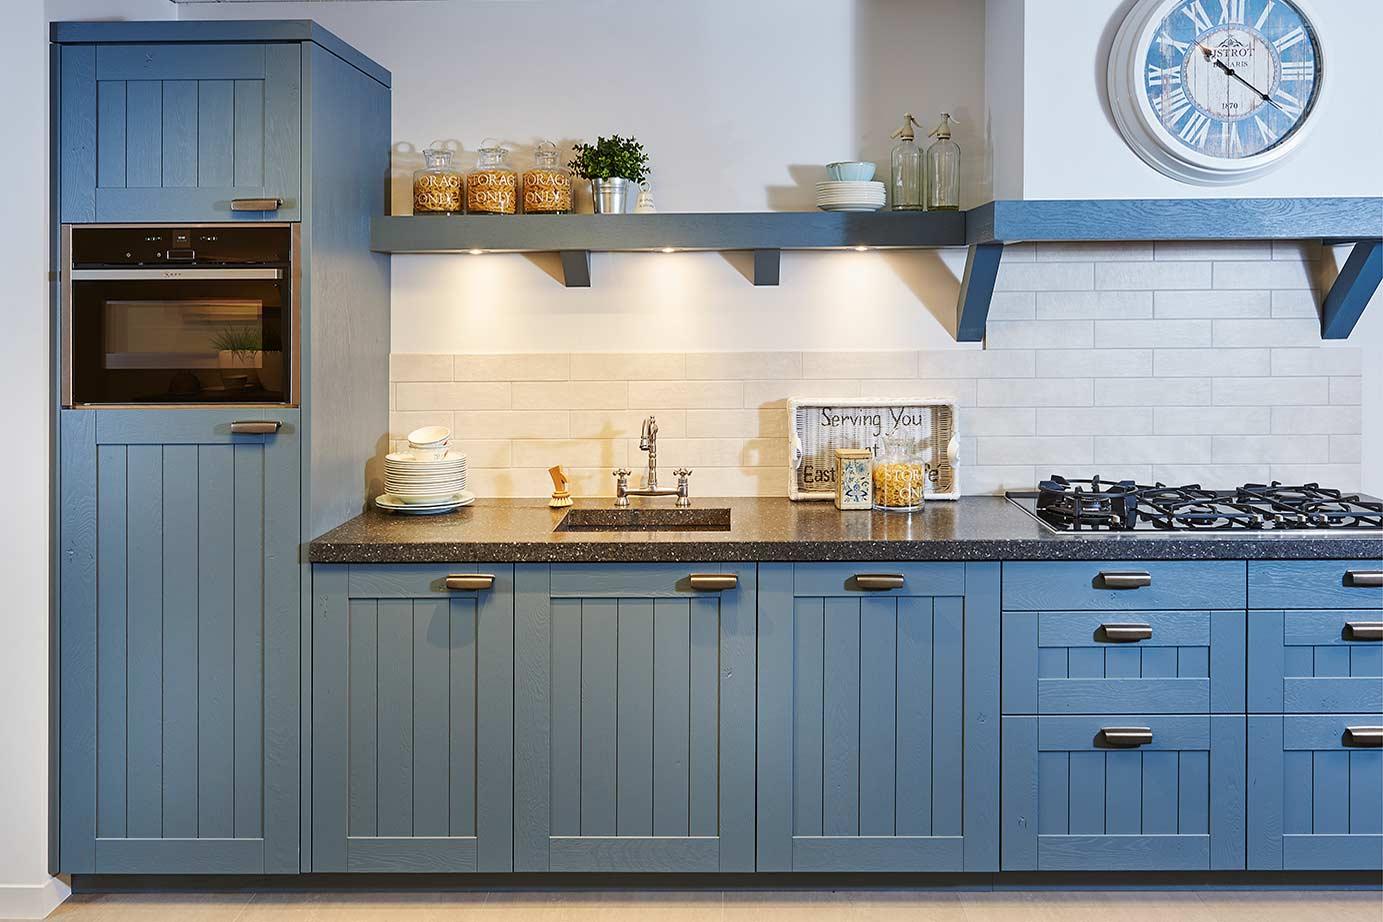 Keuken kleuren kies de kleur die bij je past pelma